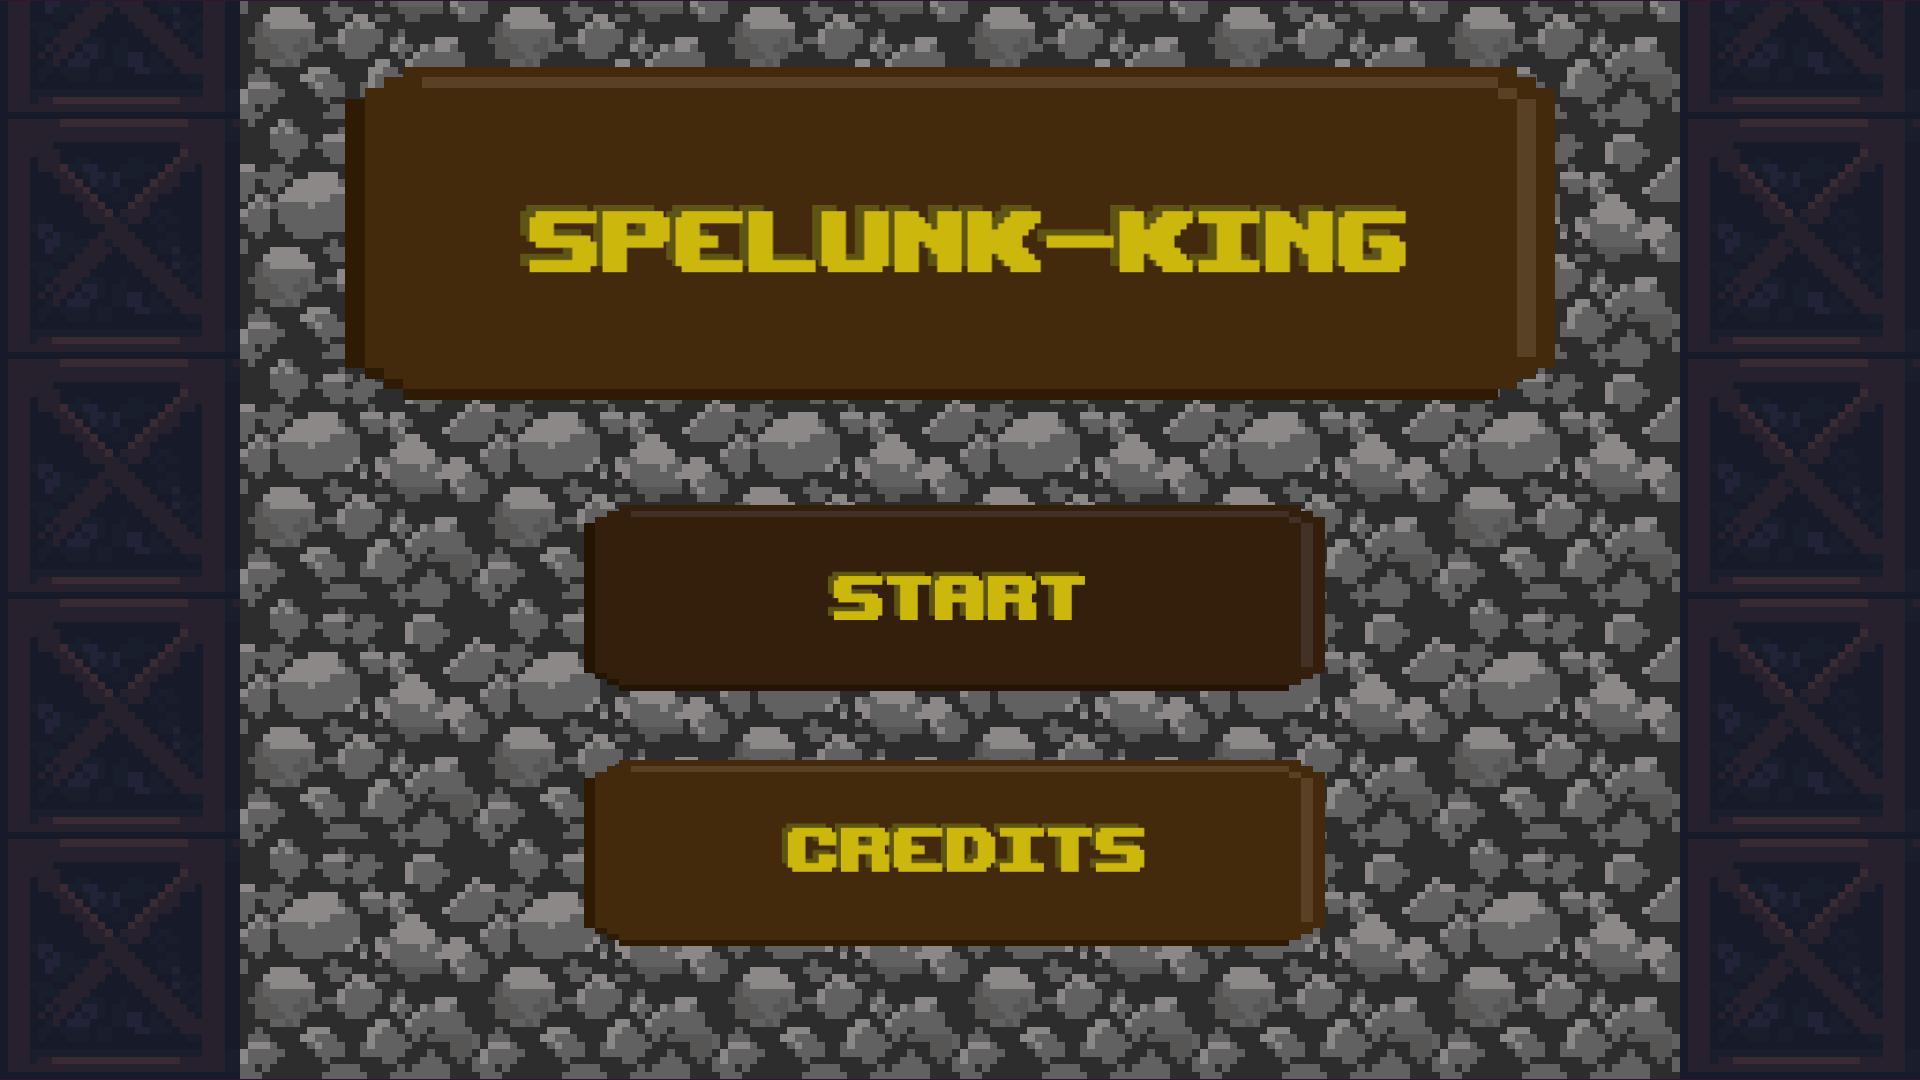 Spelunk-King